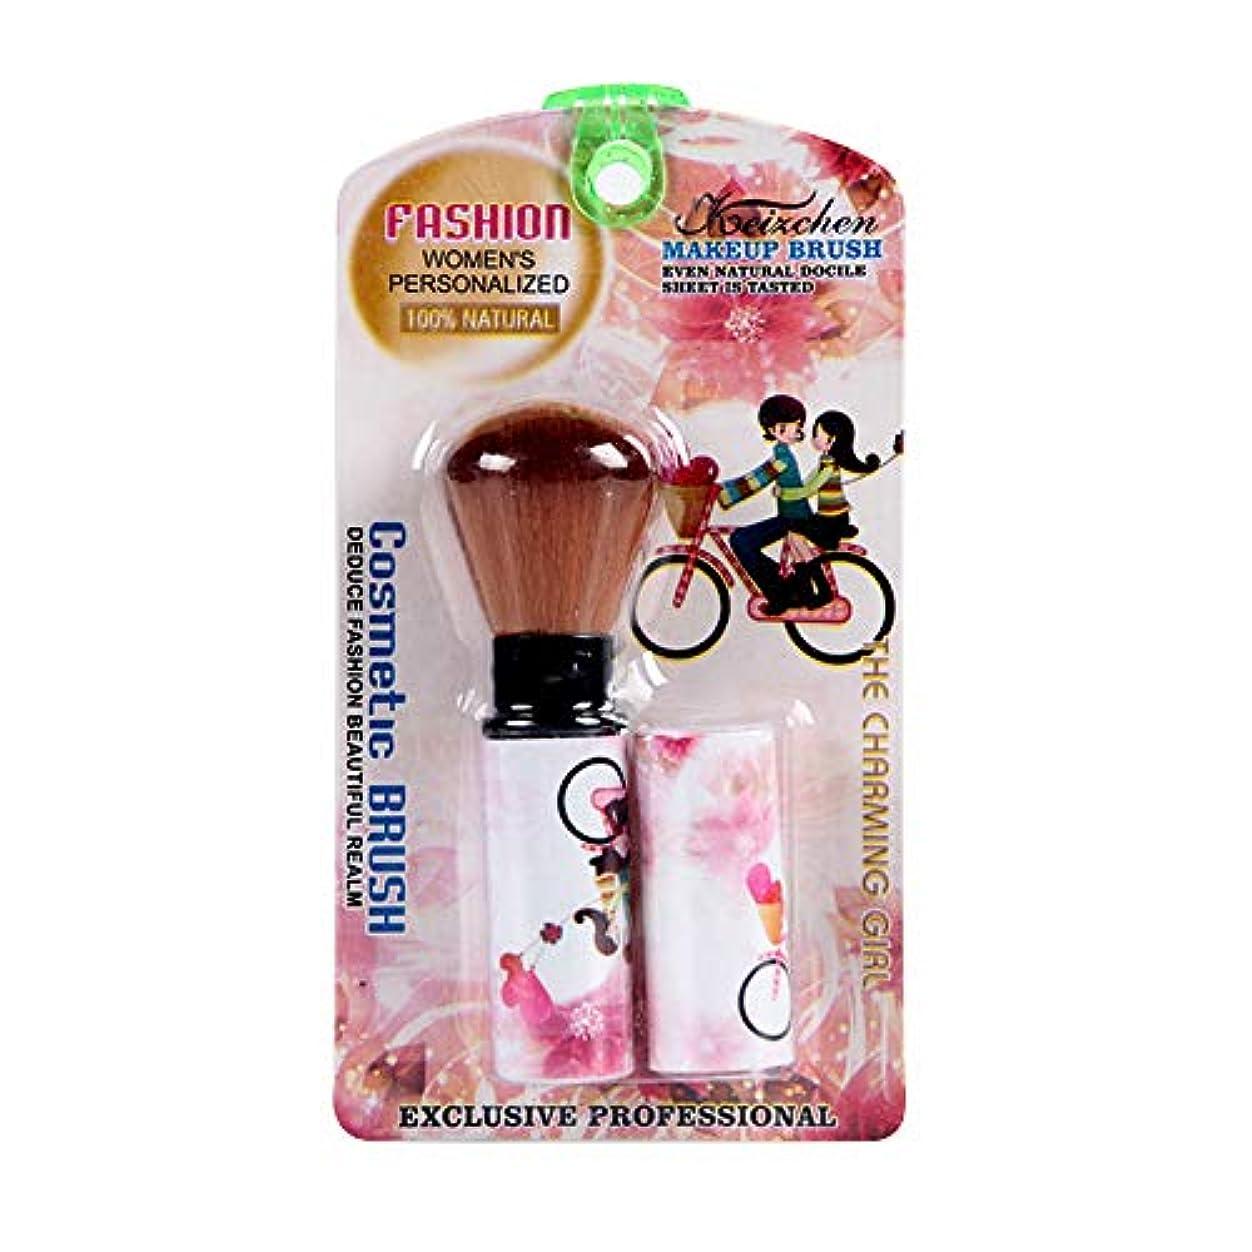 遺産パンチ預言者メイクブラシ カラーパターン化粧筆 1本 伸縮式デザイン スライド式 携帯用 ファンデーションブラシ チークブラシ パウダーブラシ フェイスブラシ 歌舞伎ブラシ 超柔らかい 多機能 MAANGE (pink)